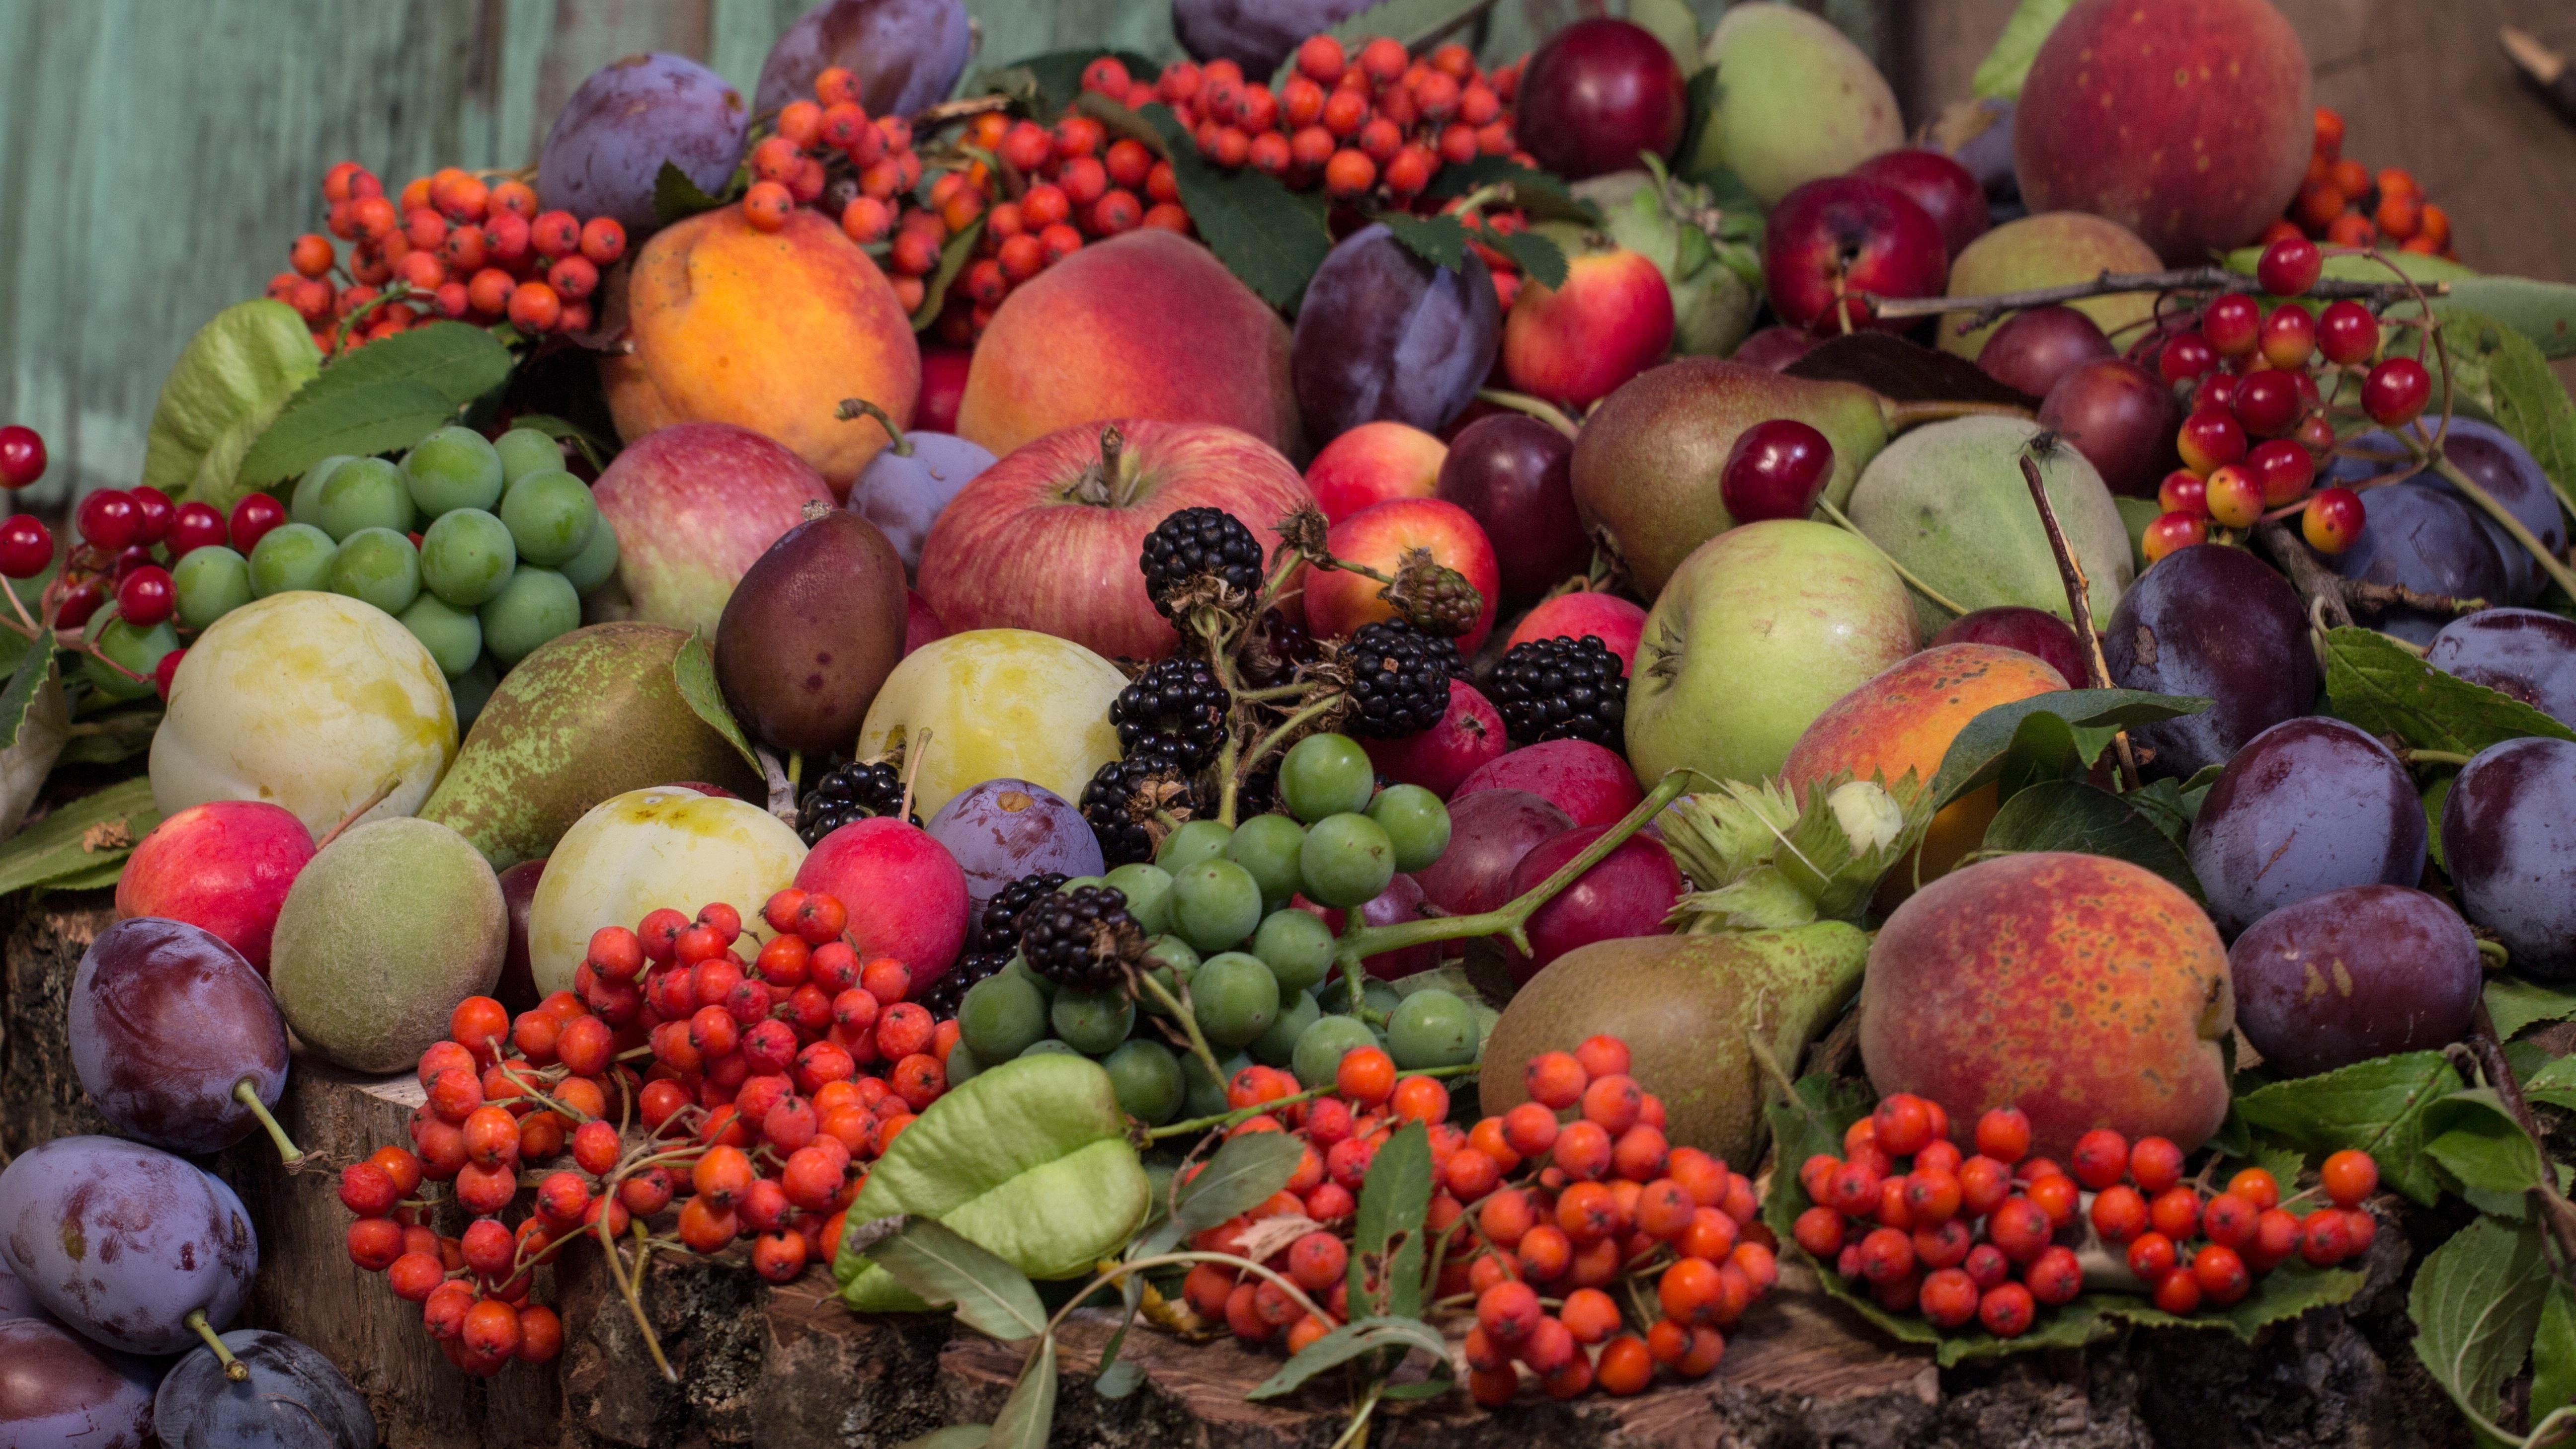 платные фото культурных плодов овощей ягод россии постройки